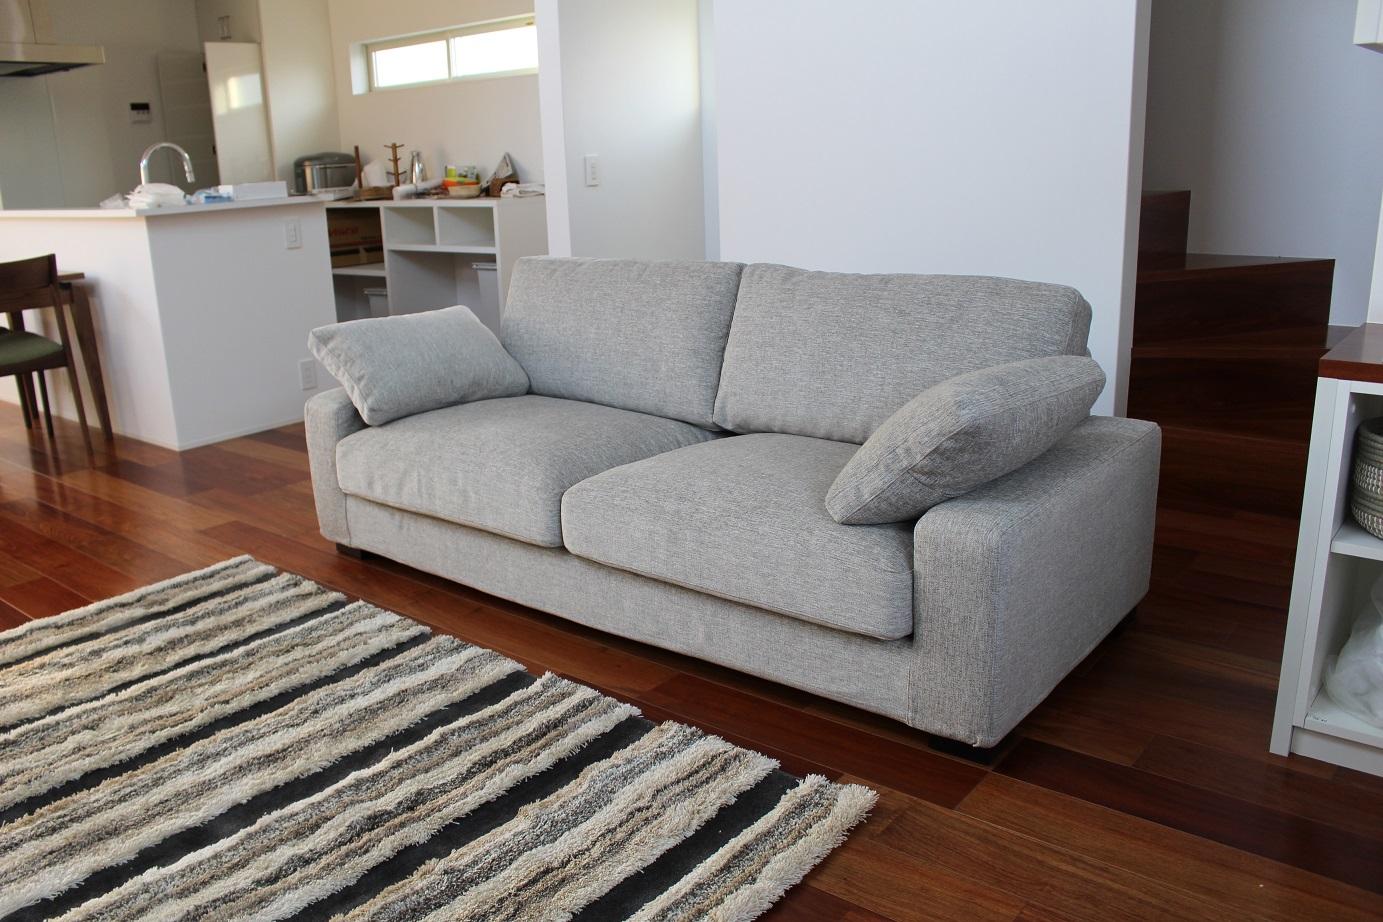 厚手のクッションで座り心地のよいベーシックな形のソファ